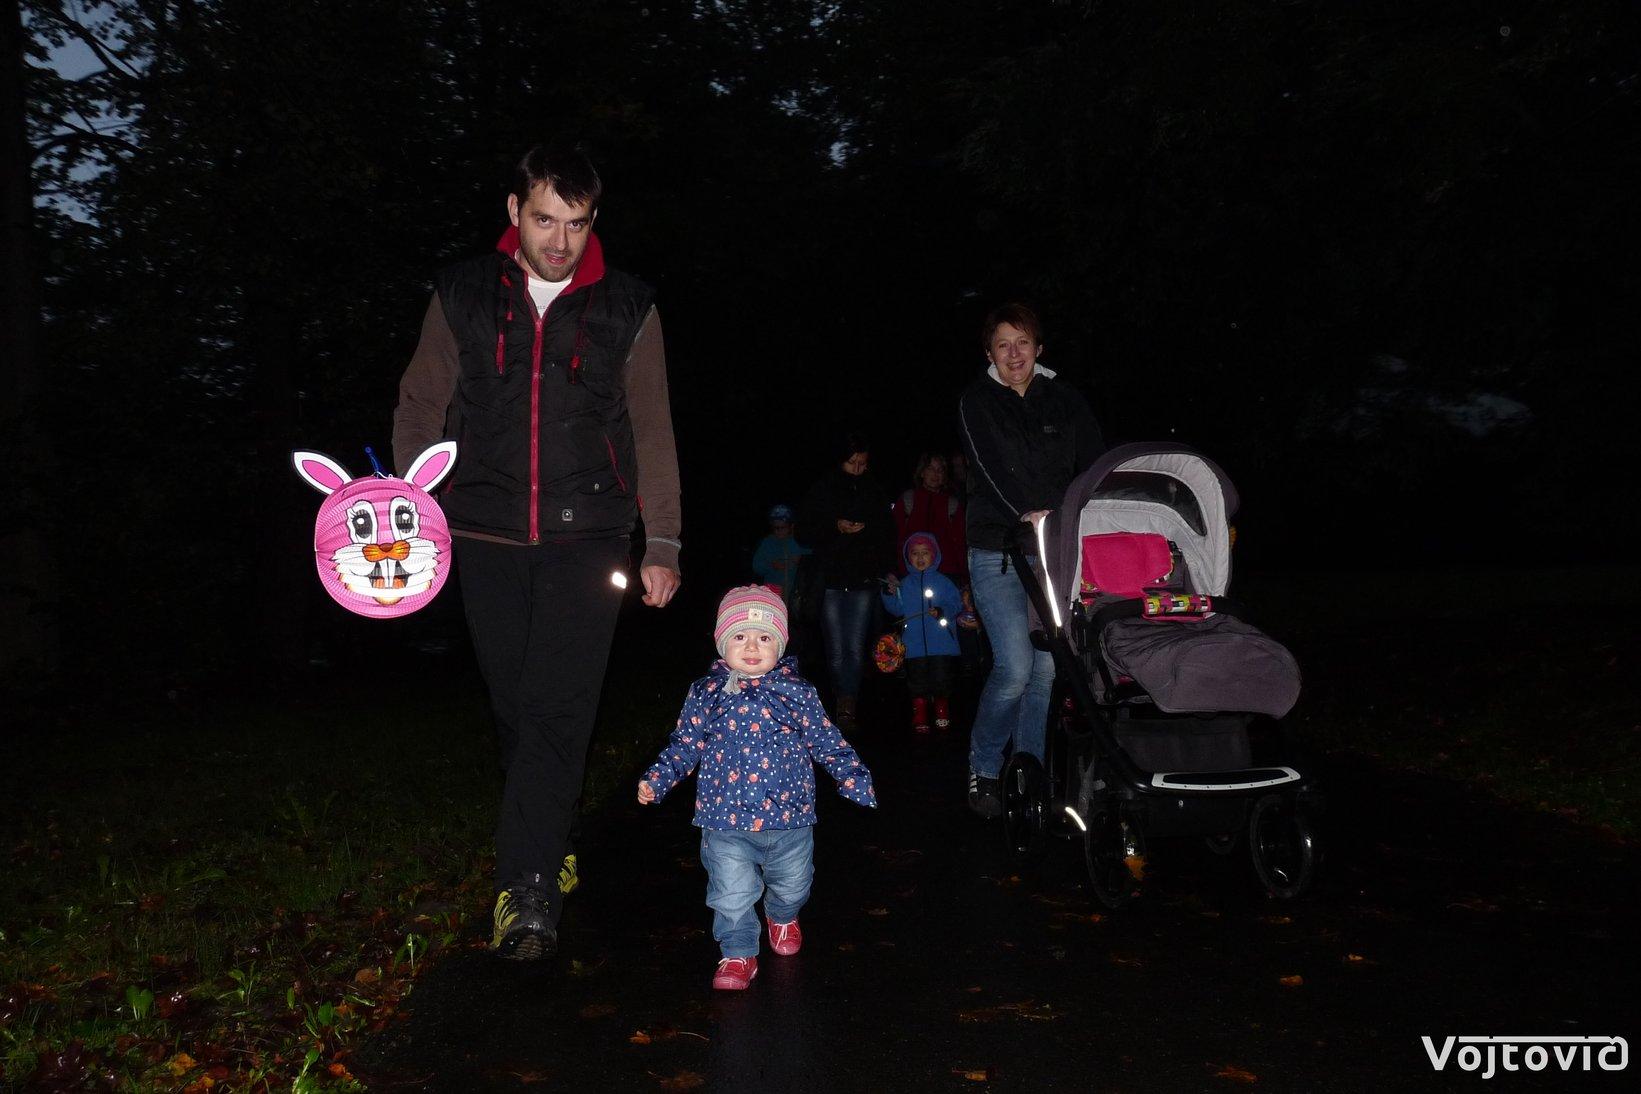 FOTO: Městský park se opět zaplnil světélkujícími broučky